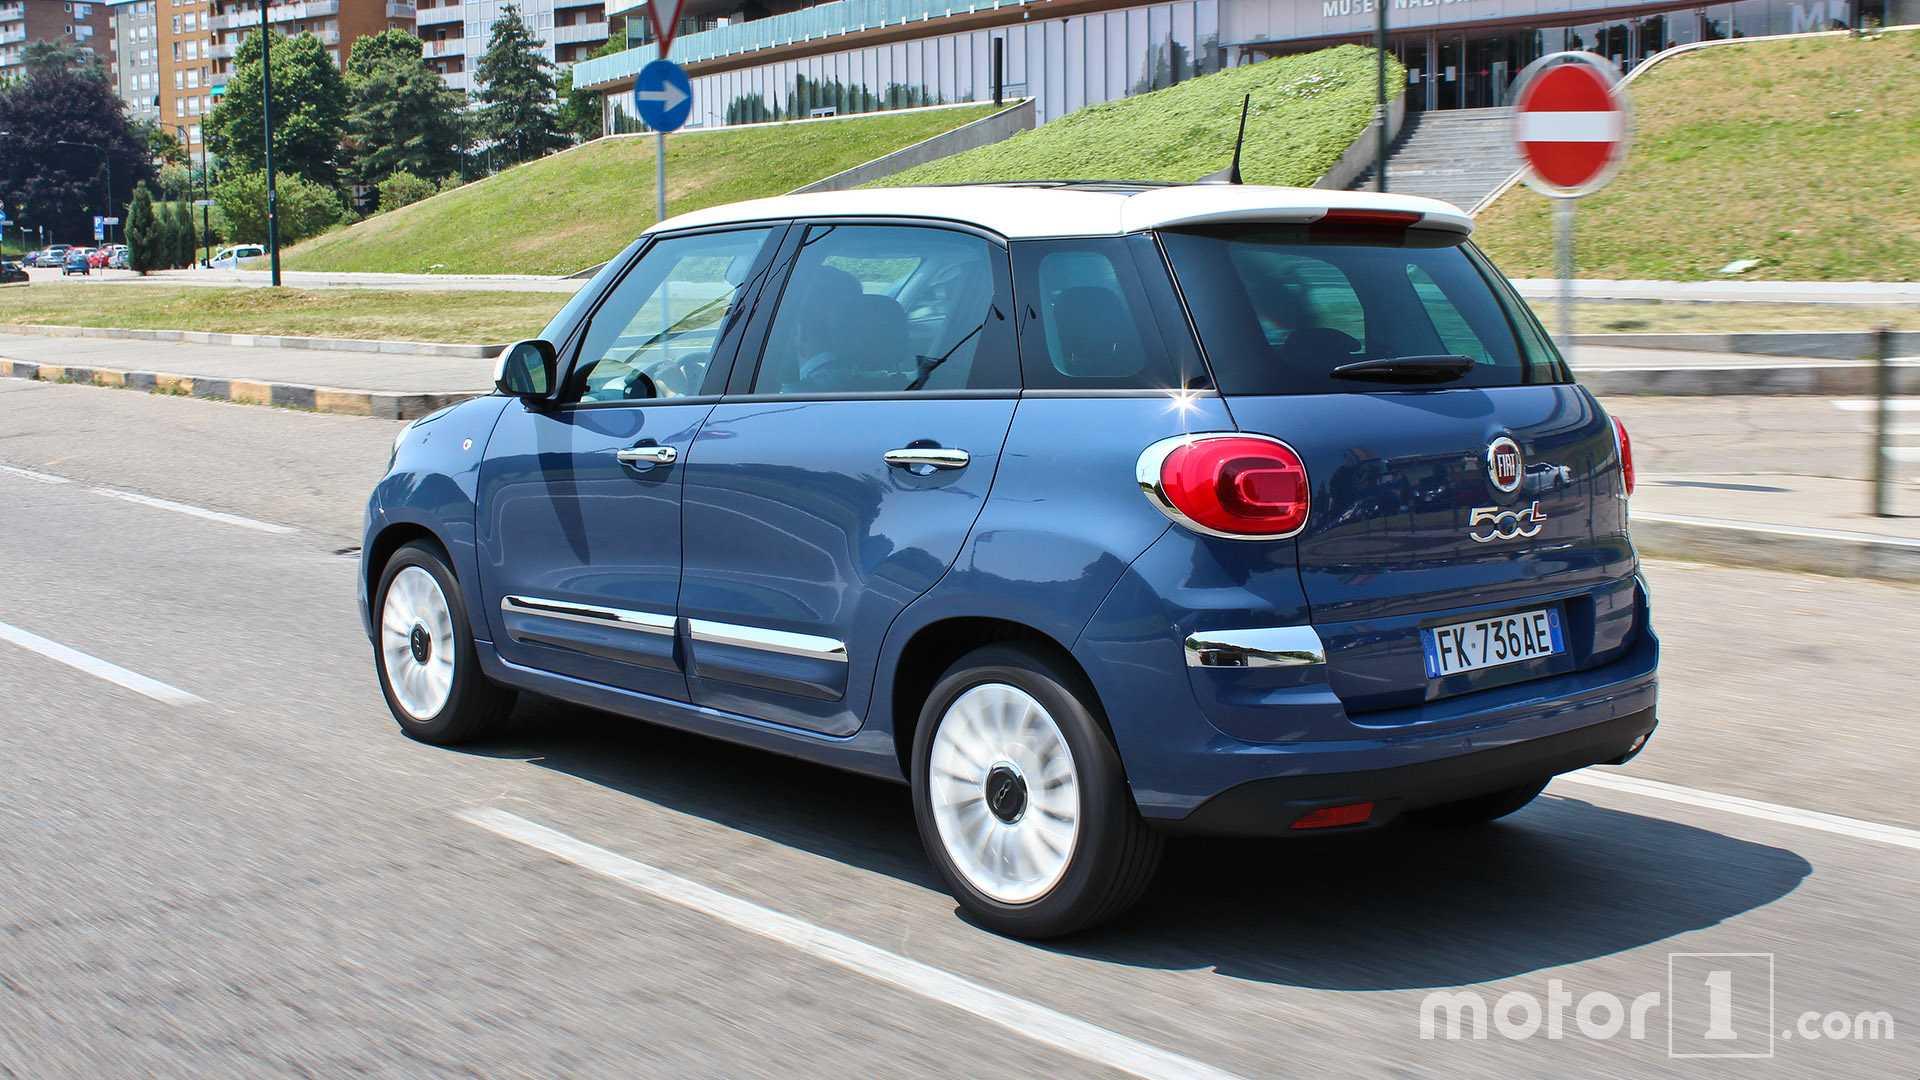 36ae6f95d5c0 Essai Fiat 500L restylée - Nouveau look pour une nouvelle vie